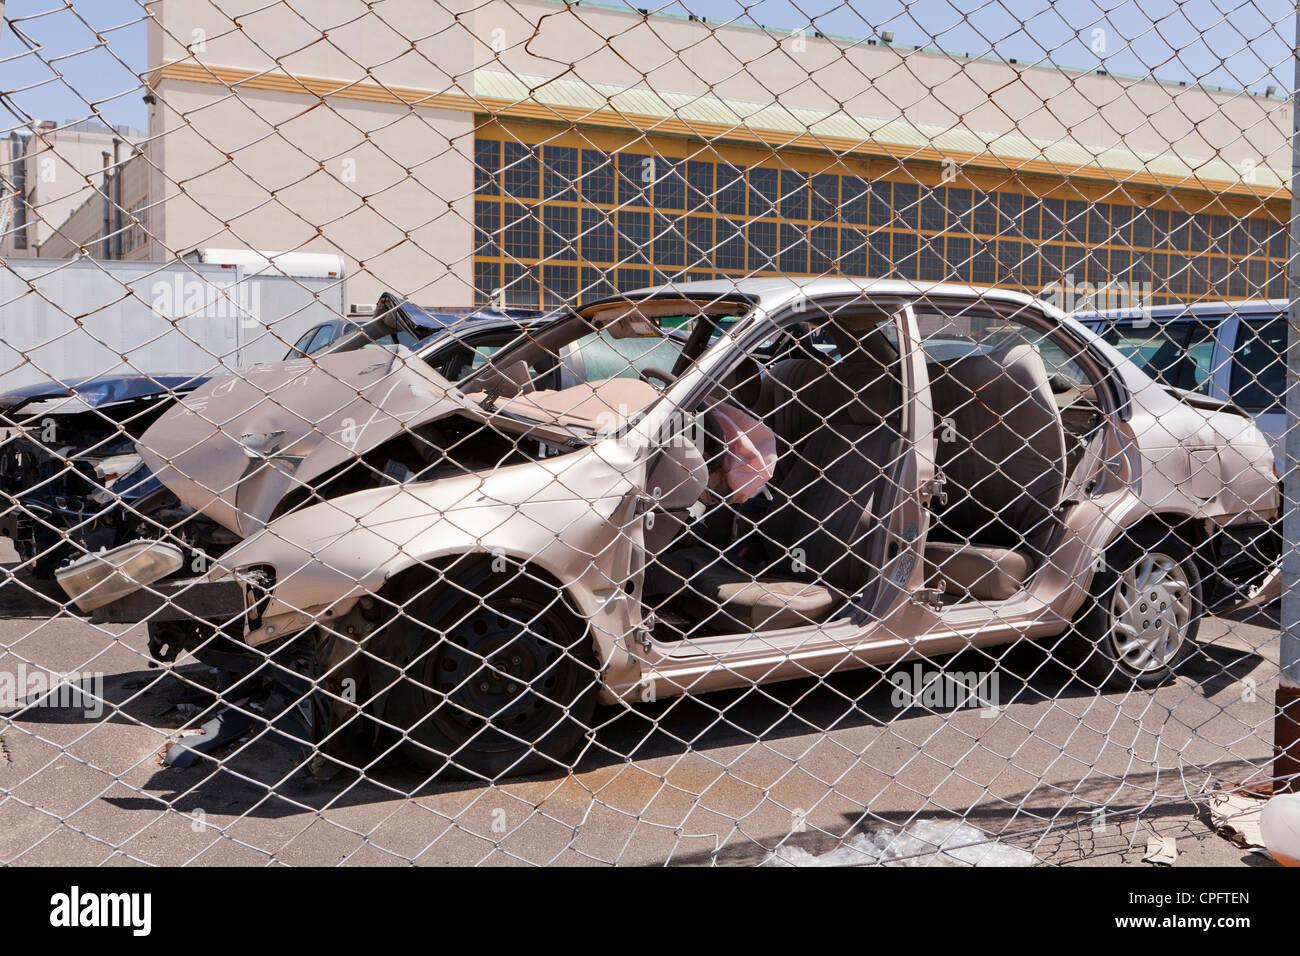 A crashed car in junkyard - Stock Image